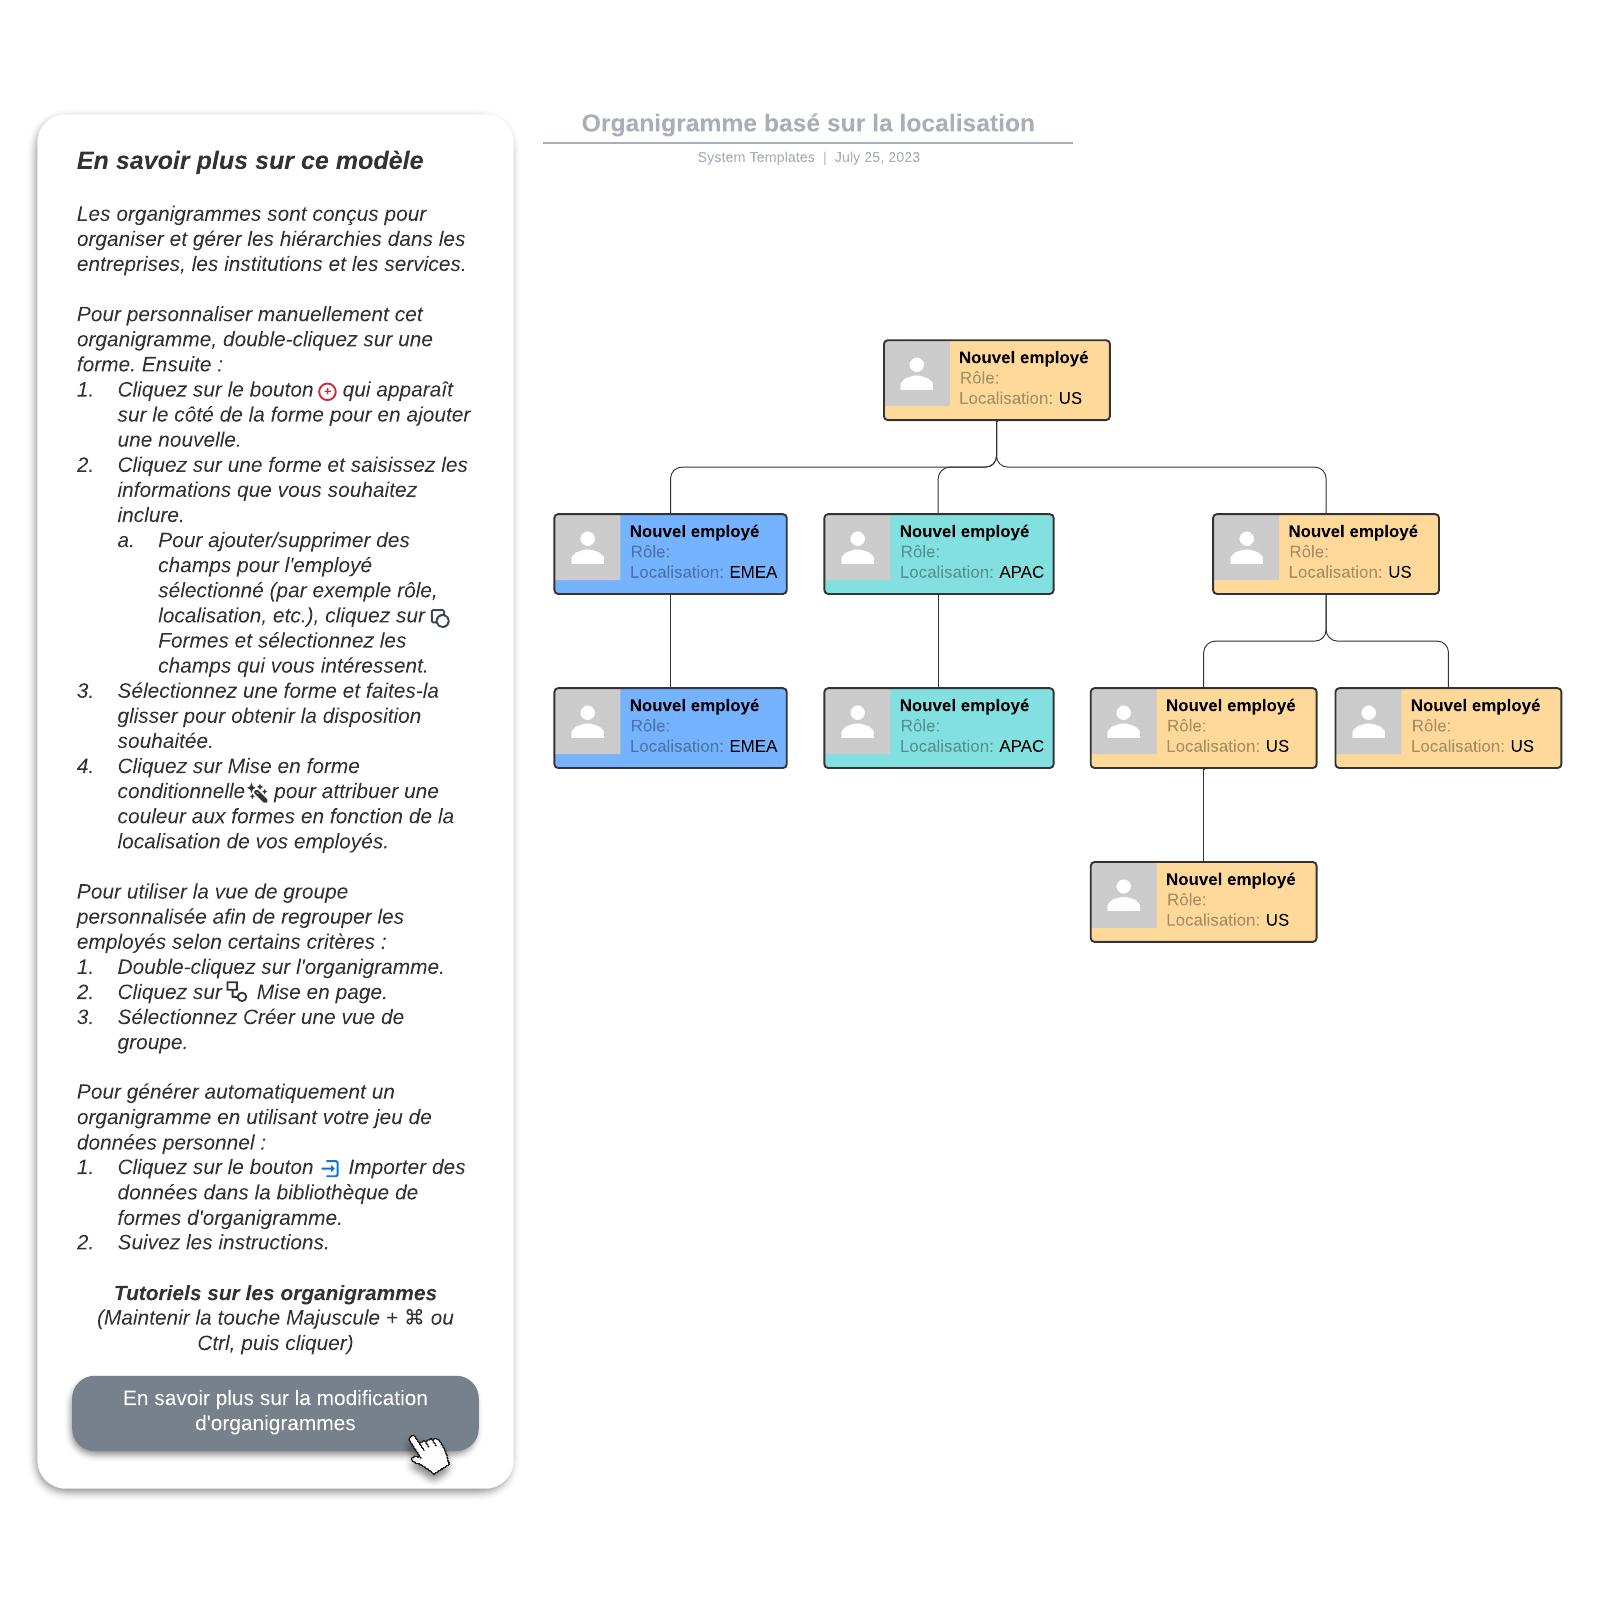 exemple d'organigramme basé sur la localisation